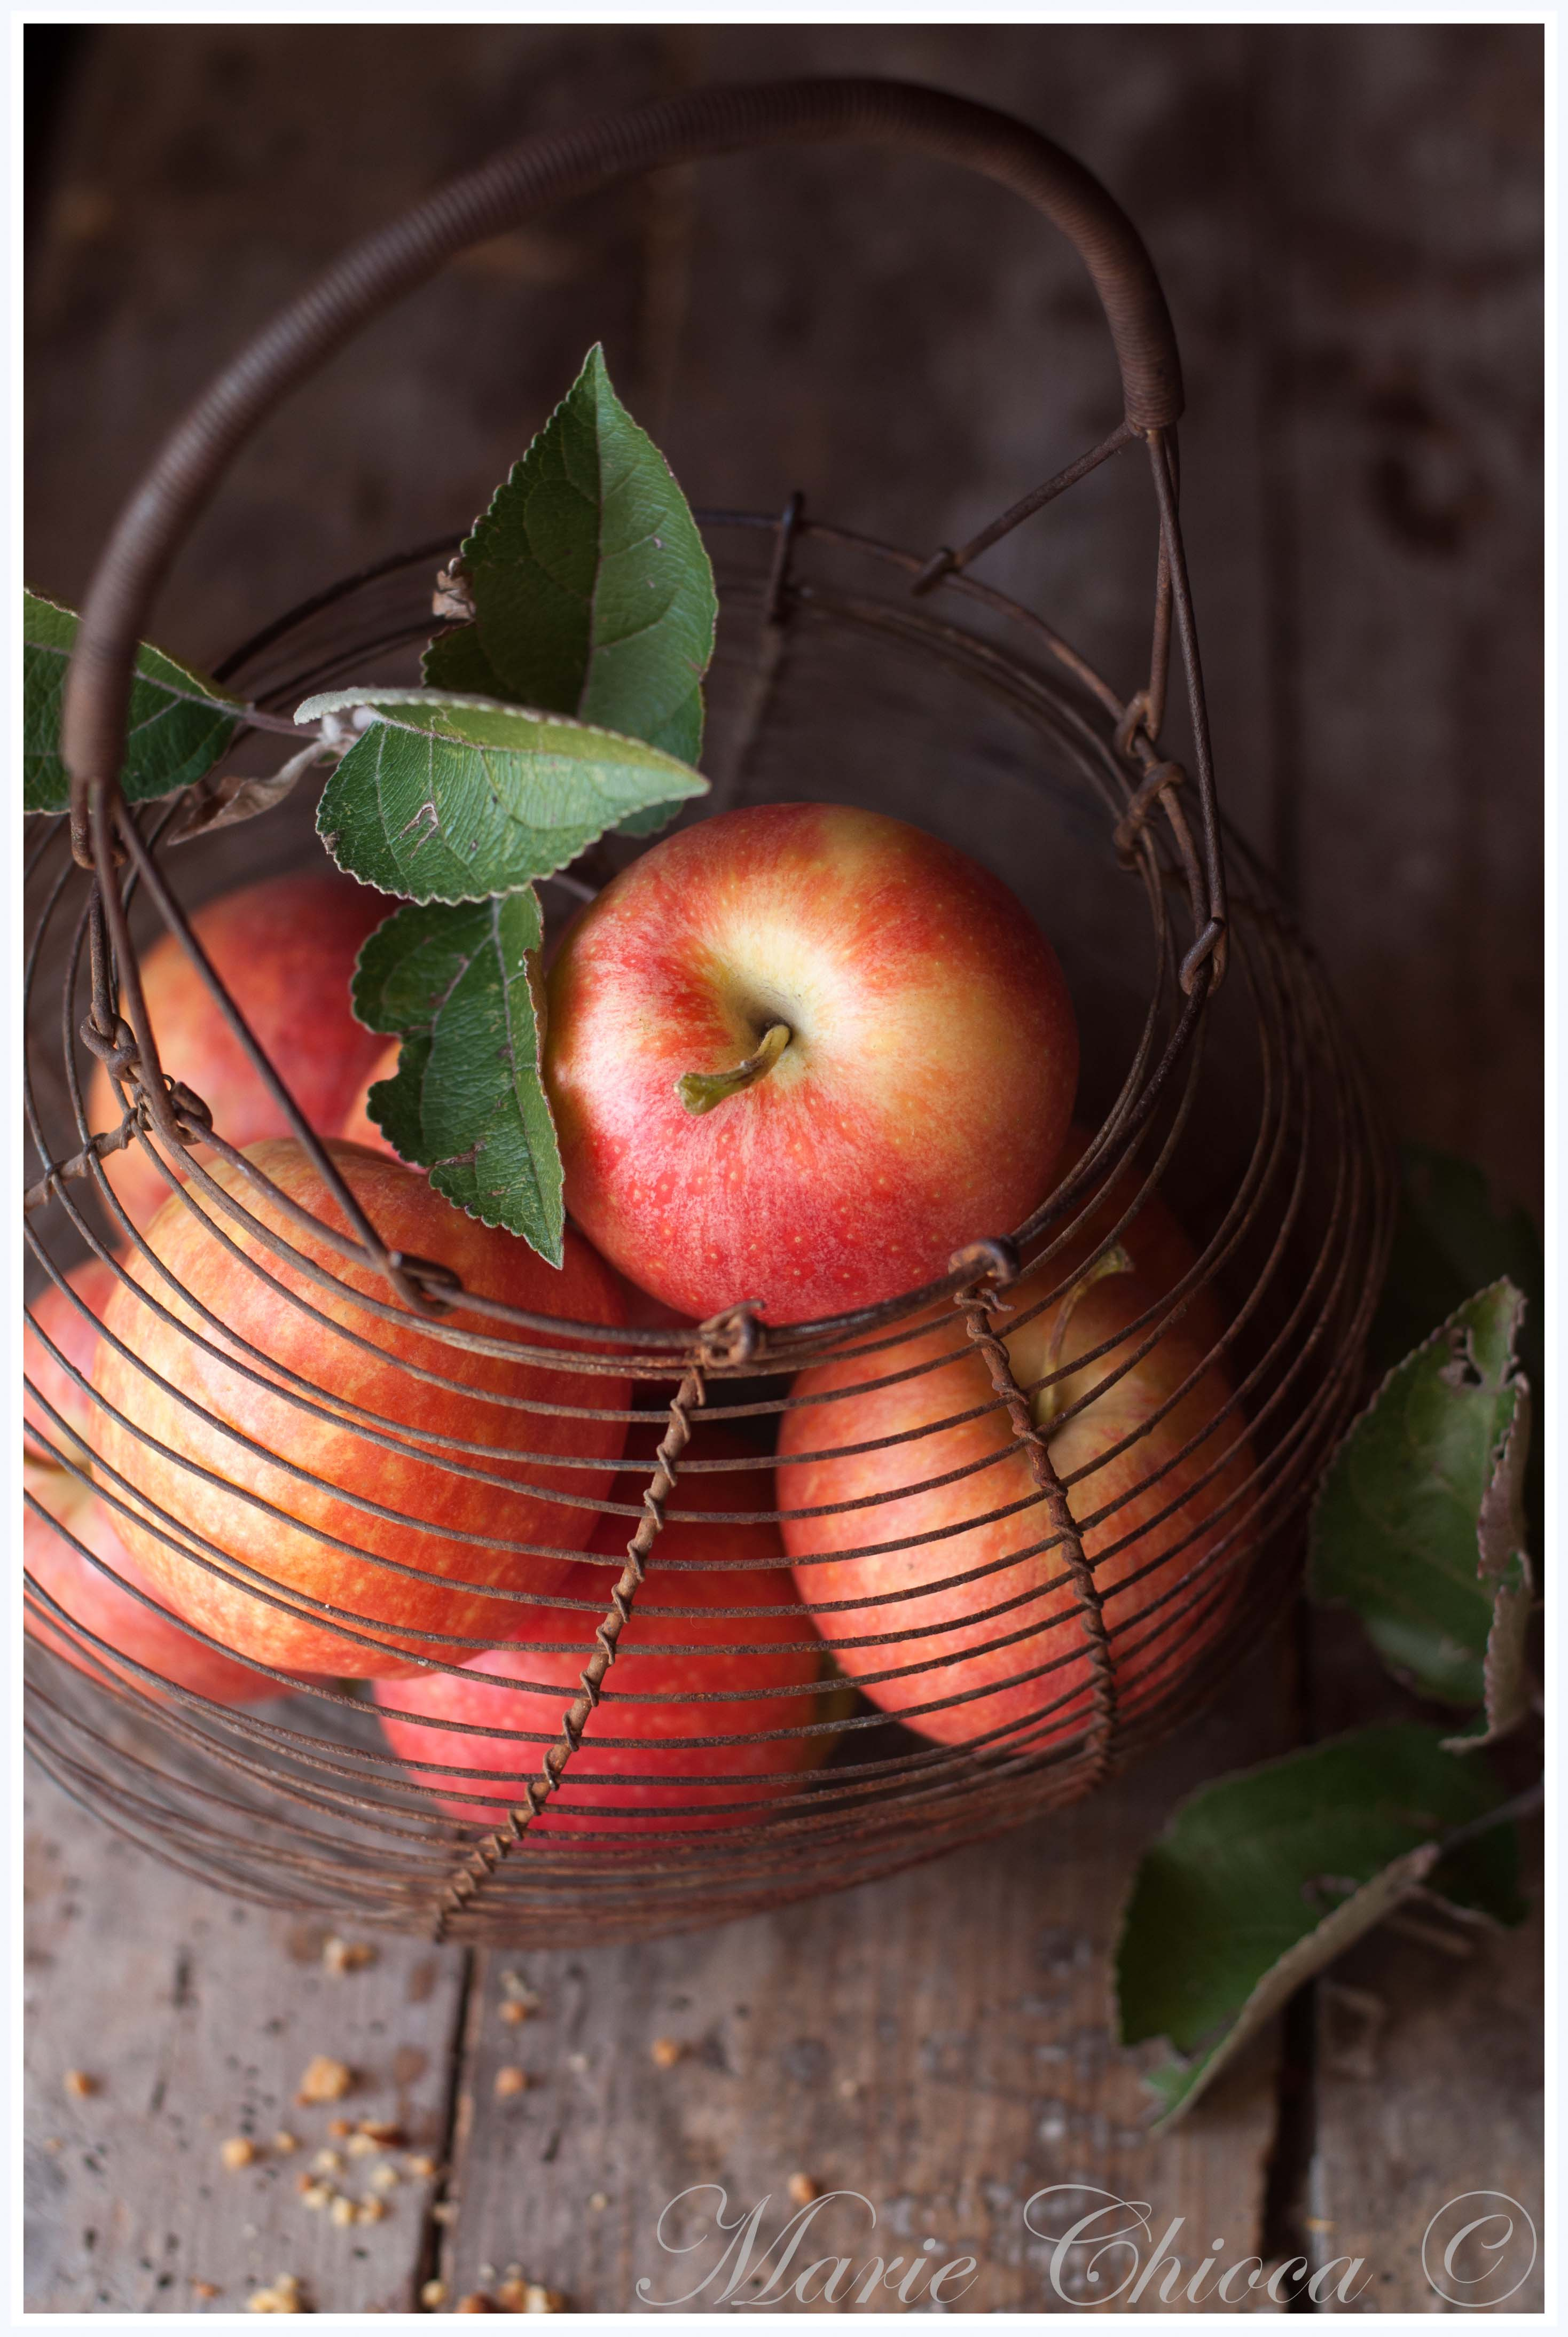 La pomme (IG 30 à 35) idéale pour caler les petites faims en gardant une jolie silhouette...